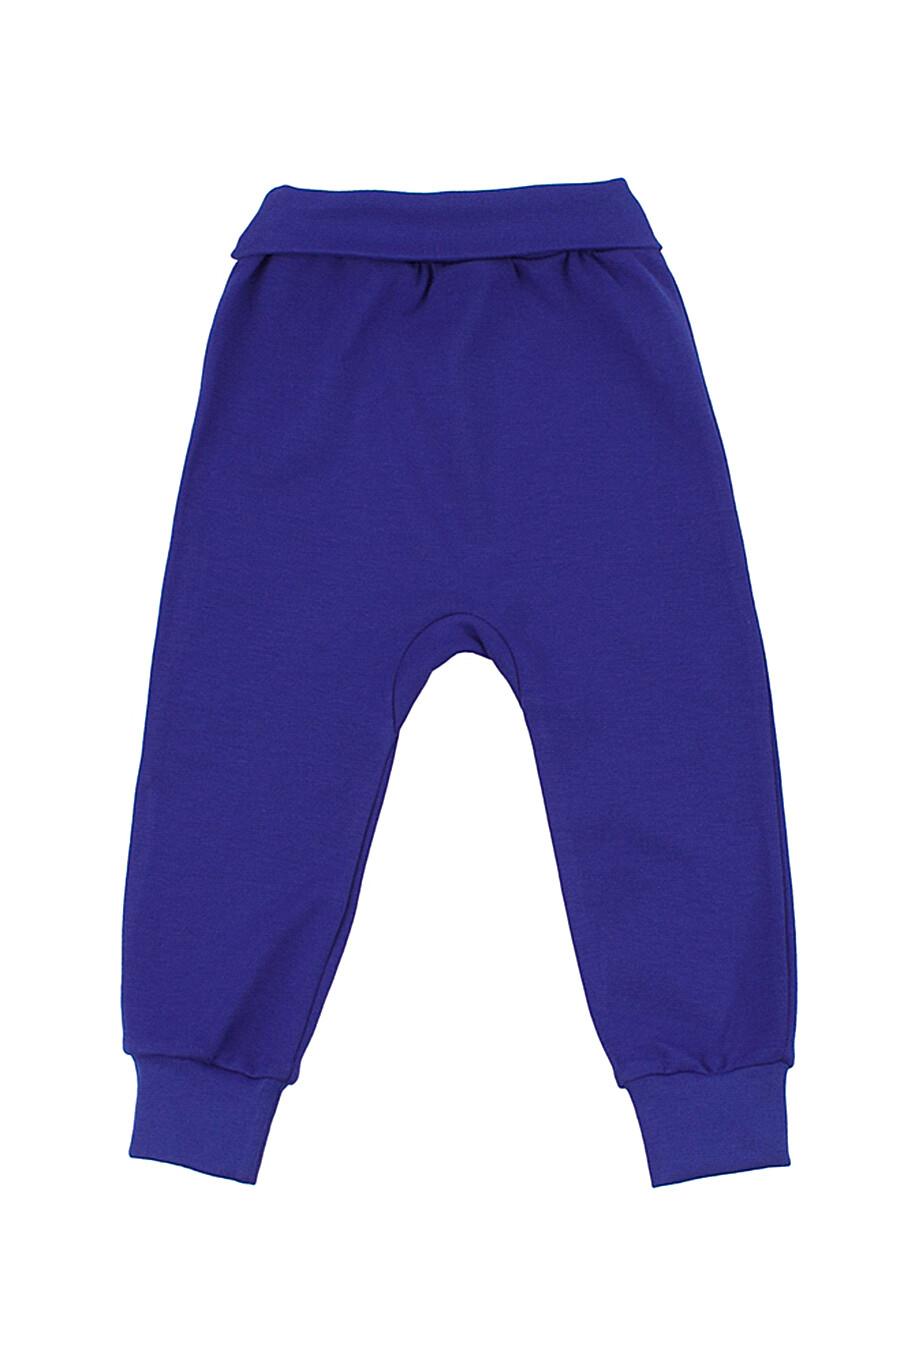 Ползунки для девочек АПРЕЛЬ 699926 купить оптом от производителя. Совместная покупка детской одежды в OptMoyo